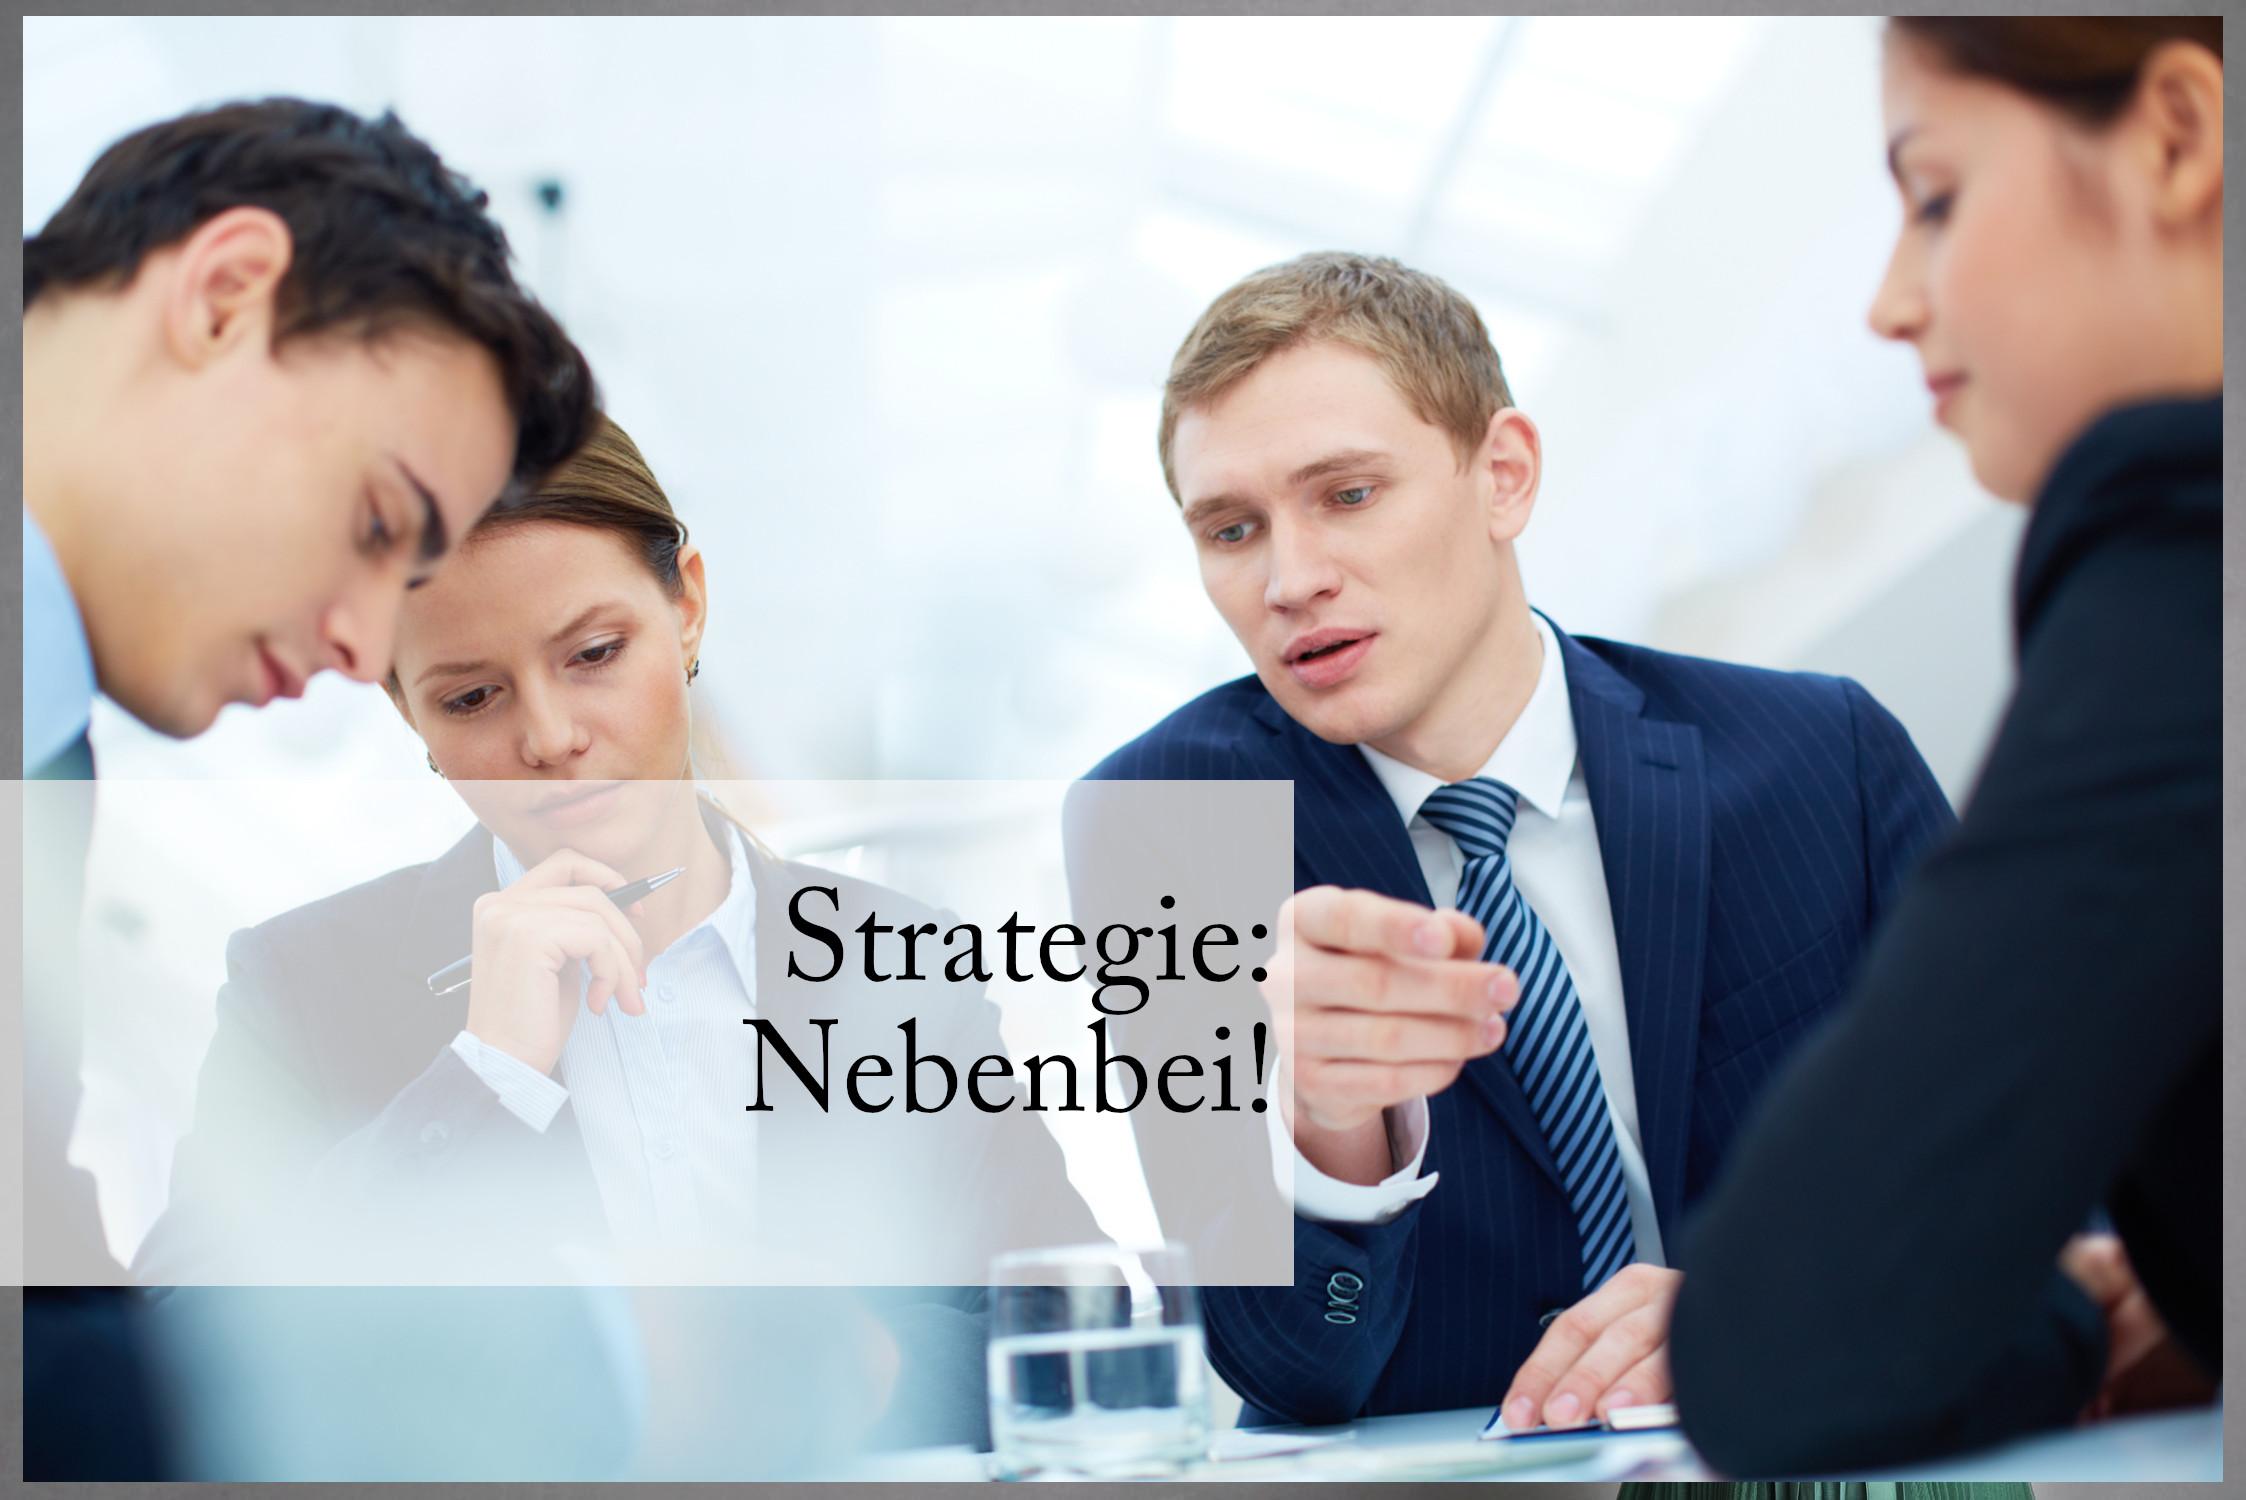 wer Strategie nebenbei macht, übersieht oft wichtige Informationen